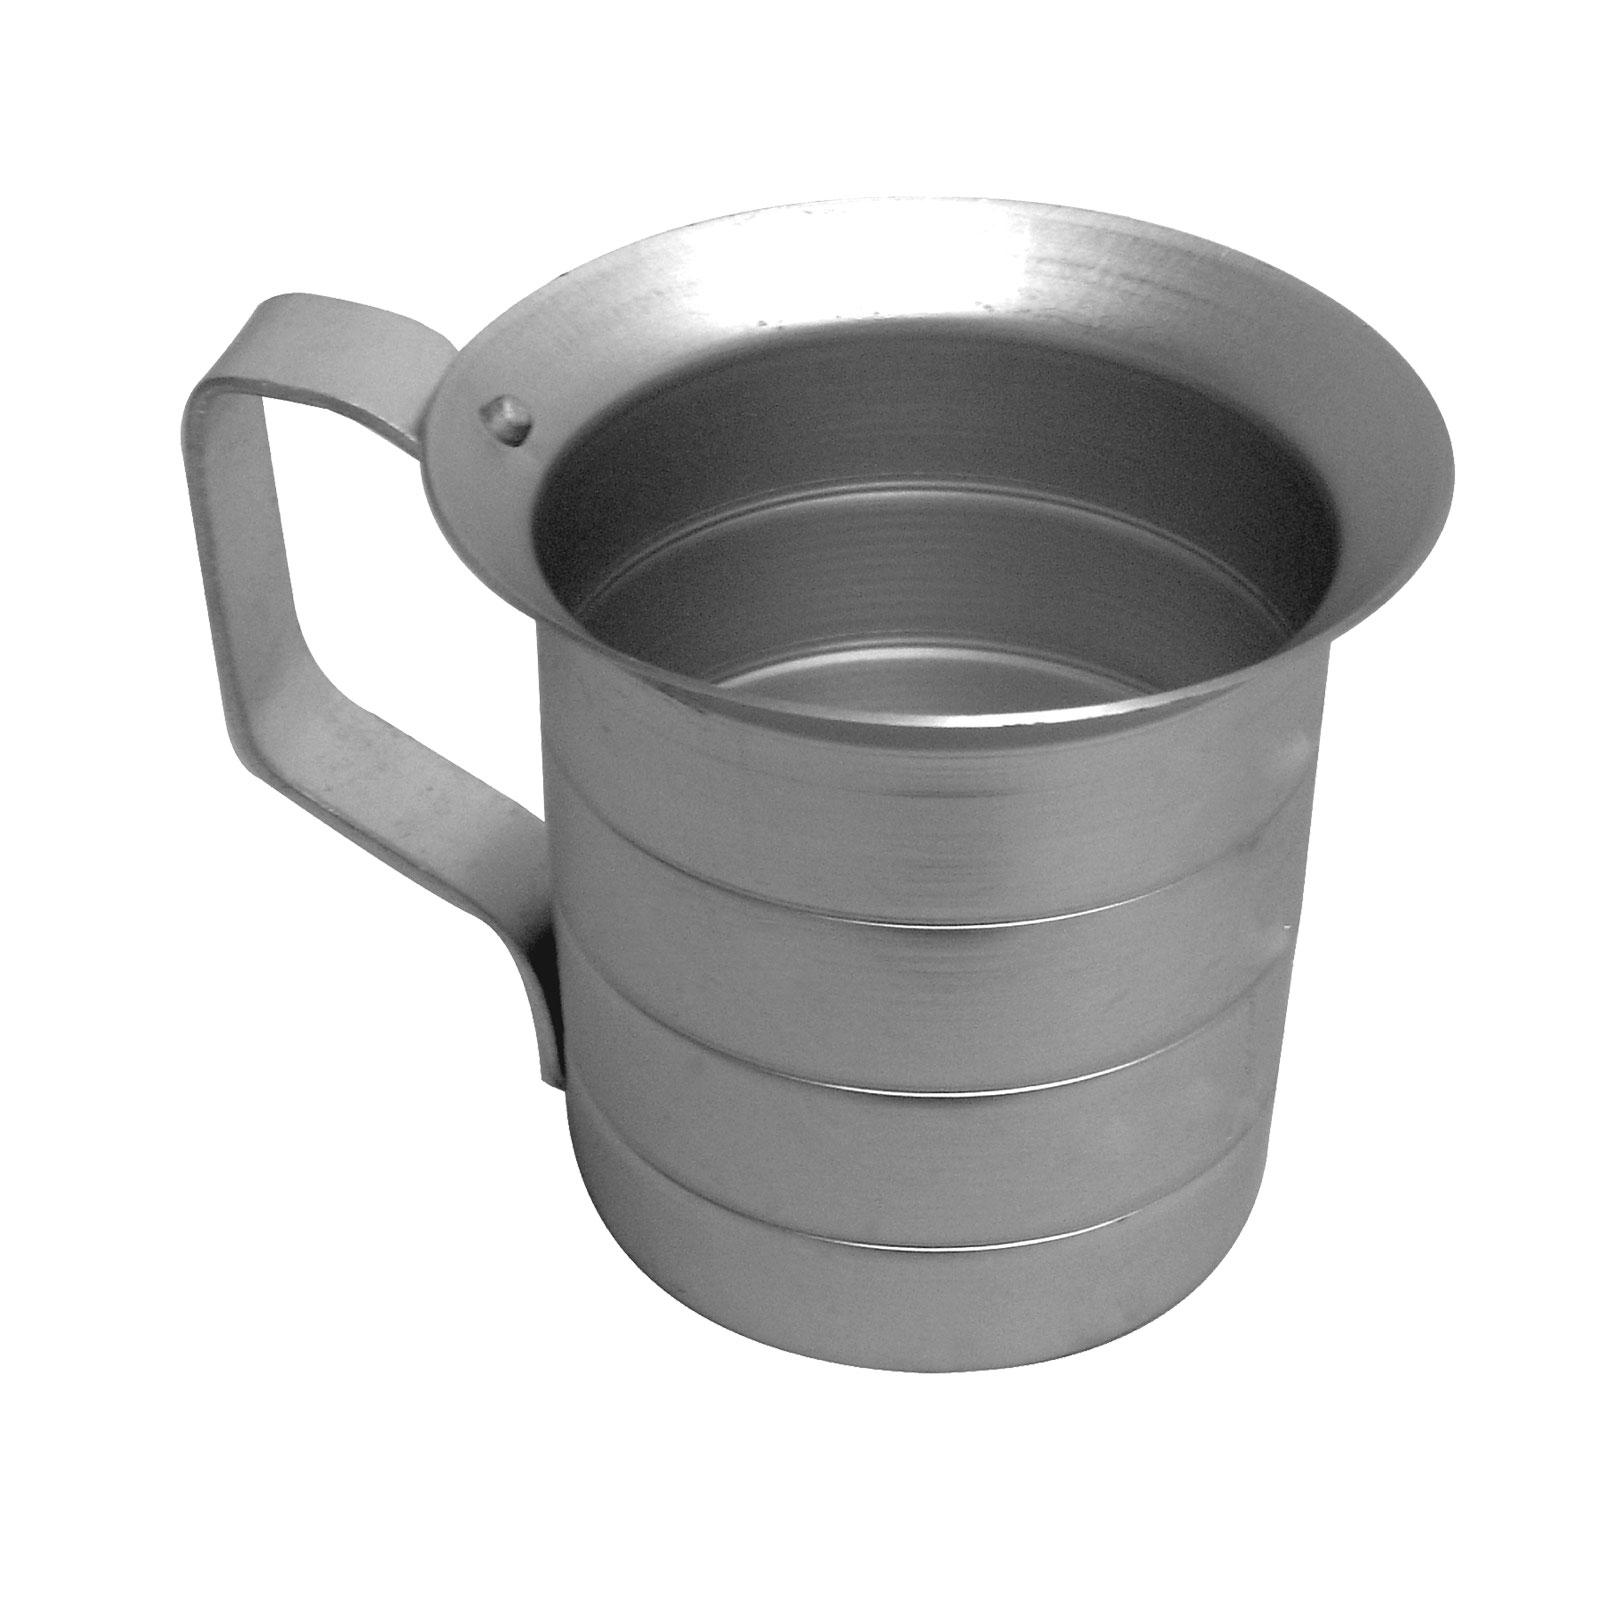 Thunder Group ALKAM020 measuring cups